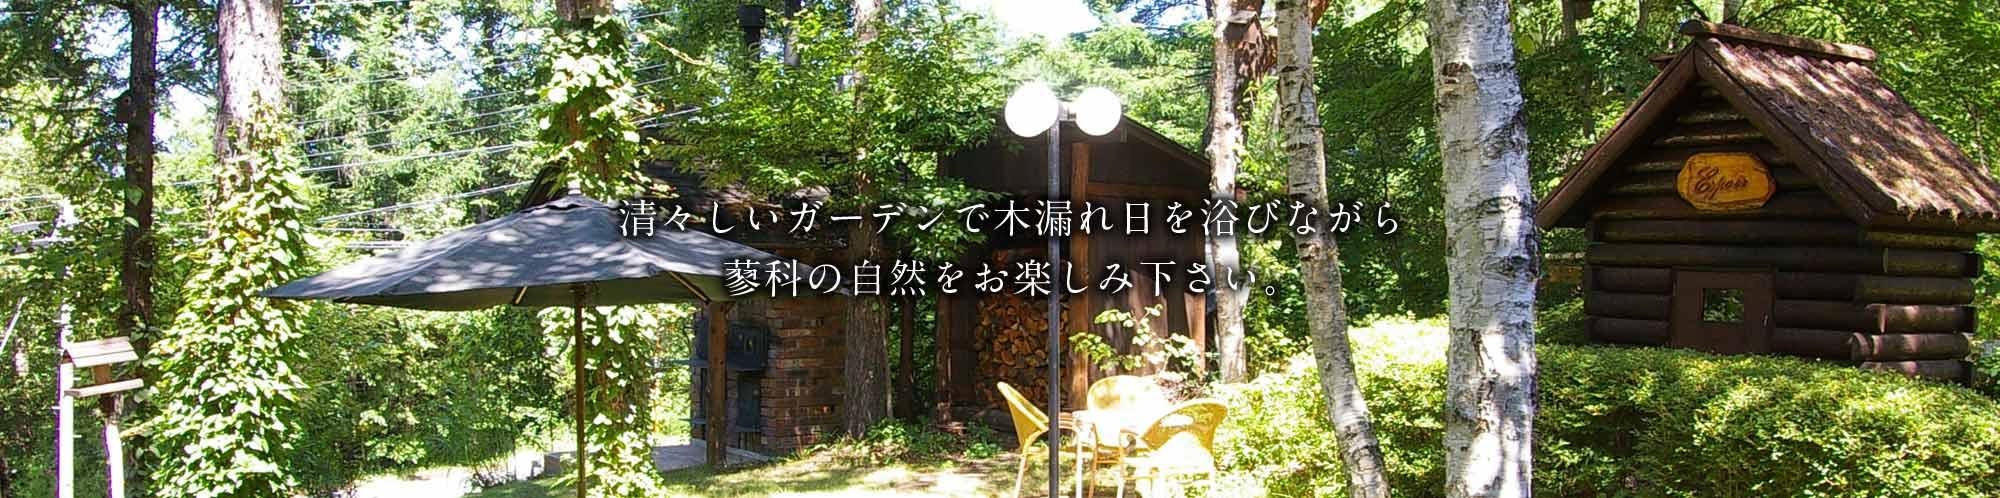 清々しいガーデンで木漏れ日を浴びながら蓼科の自然をお楽しみ下さい。